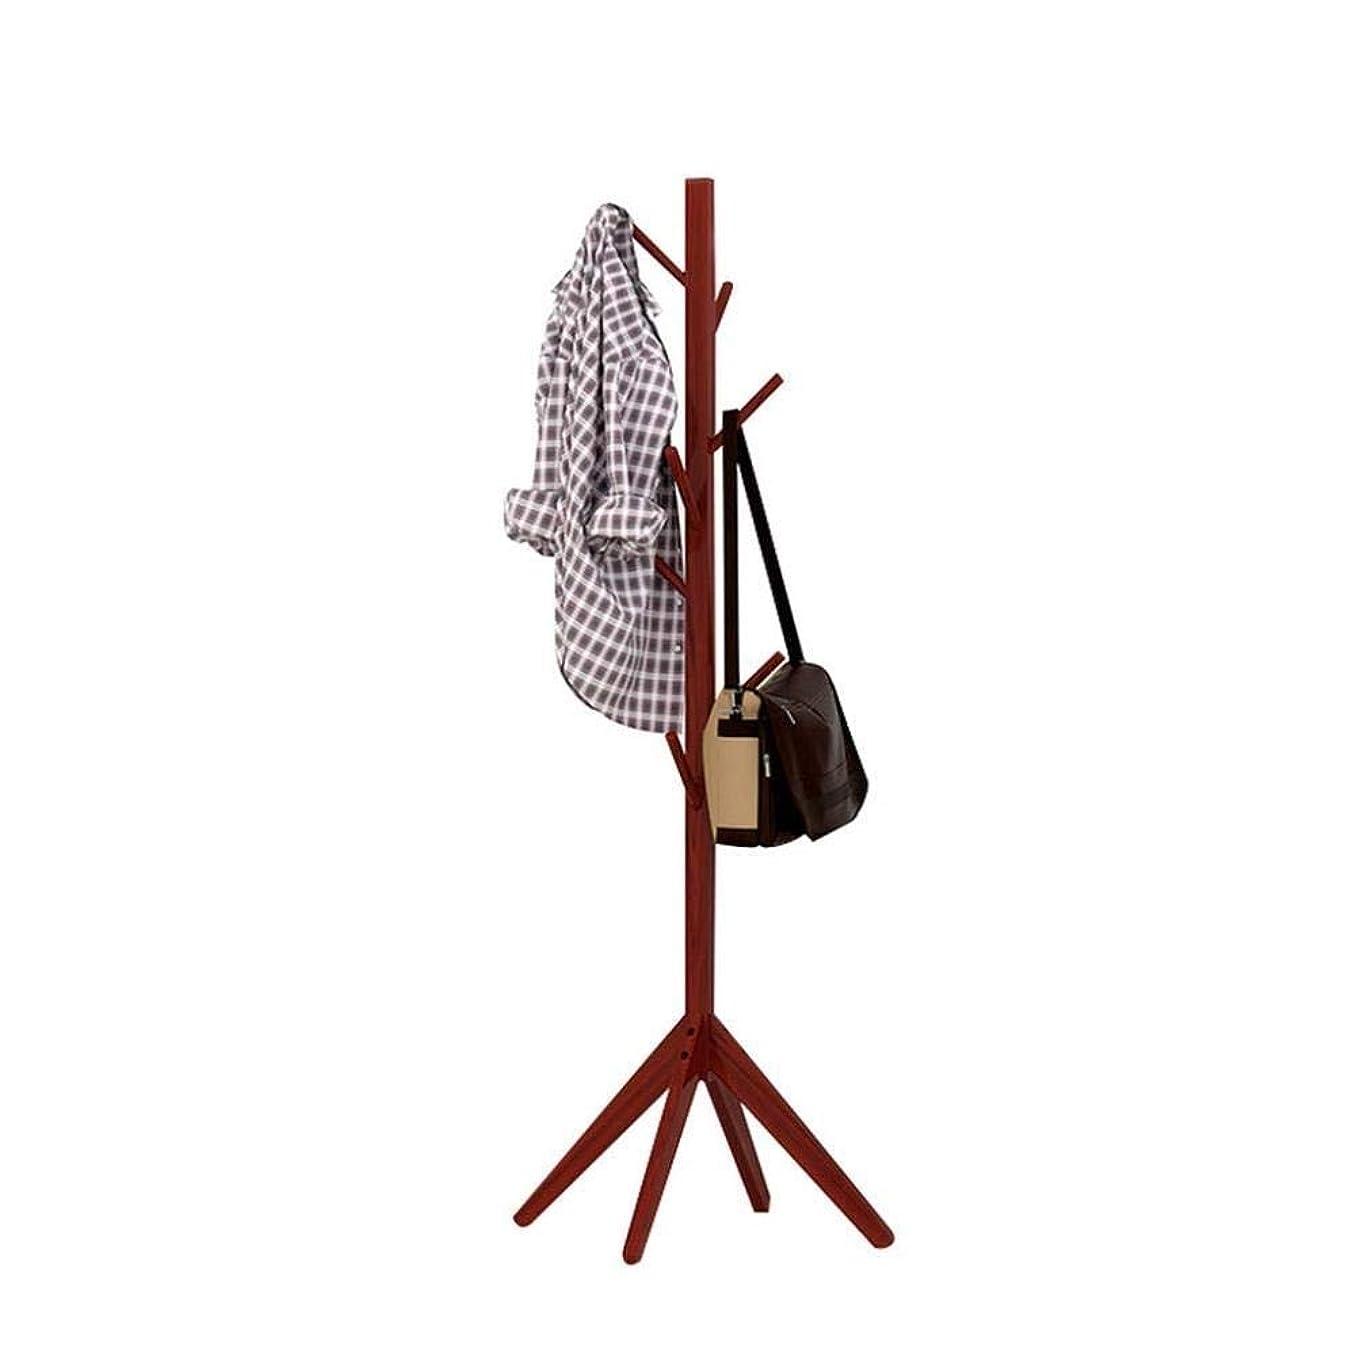 アリカセット感性FNCOAK コートラックホールツリーコートハットラックフリースタンディングモダンエントリーウェイ木製衣類ラックハットコーナーホール傘スタンドツリー (色 : Brown)